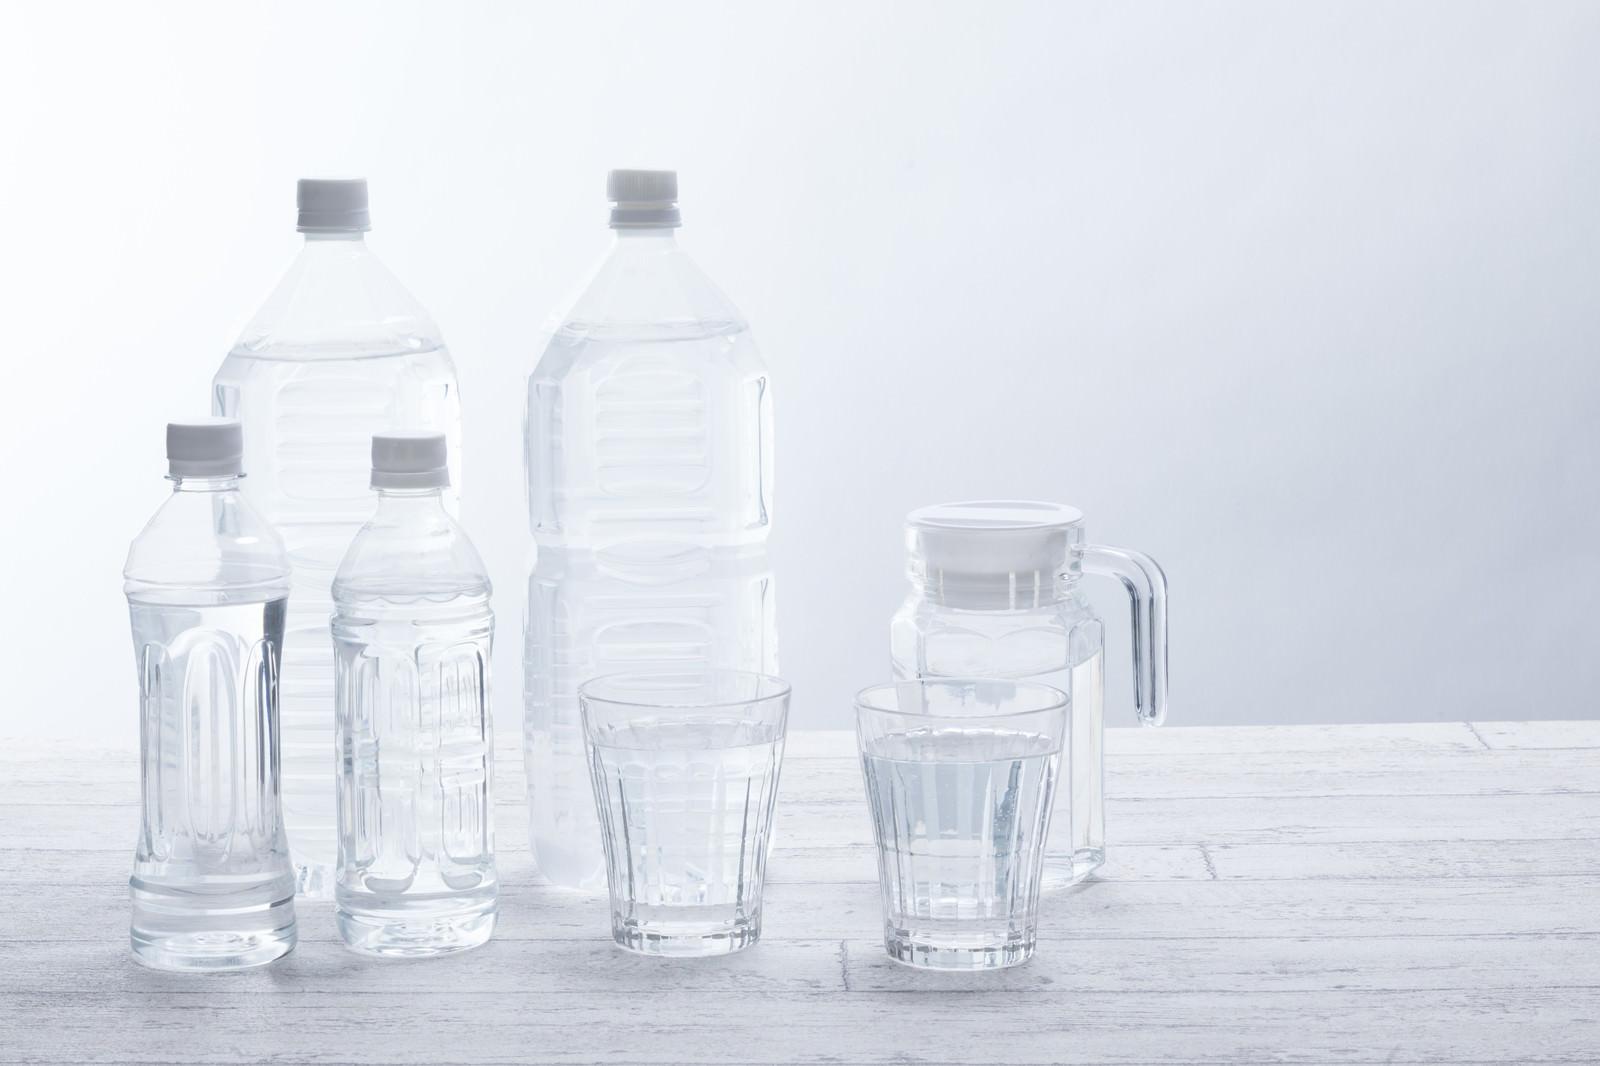 「テーブル上の飲料水(ペットボトルグラス)」の写真